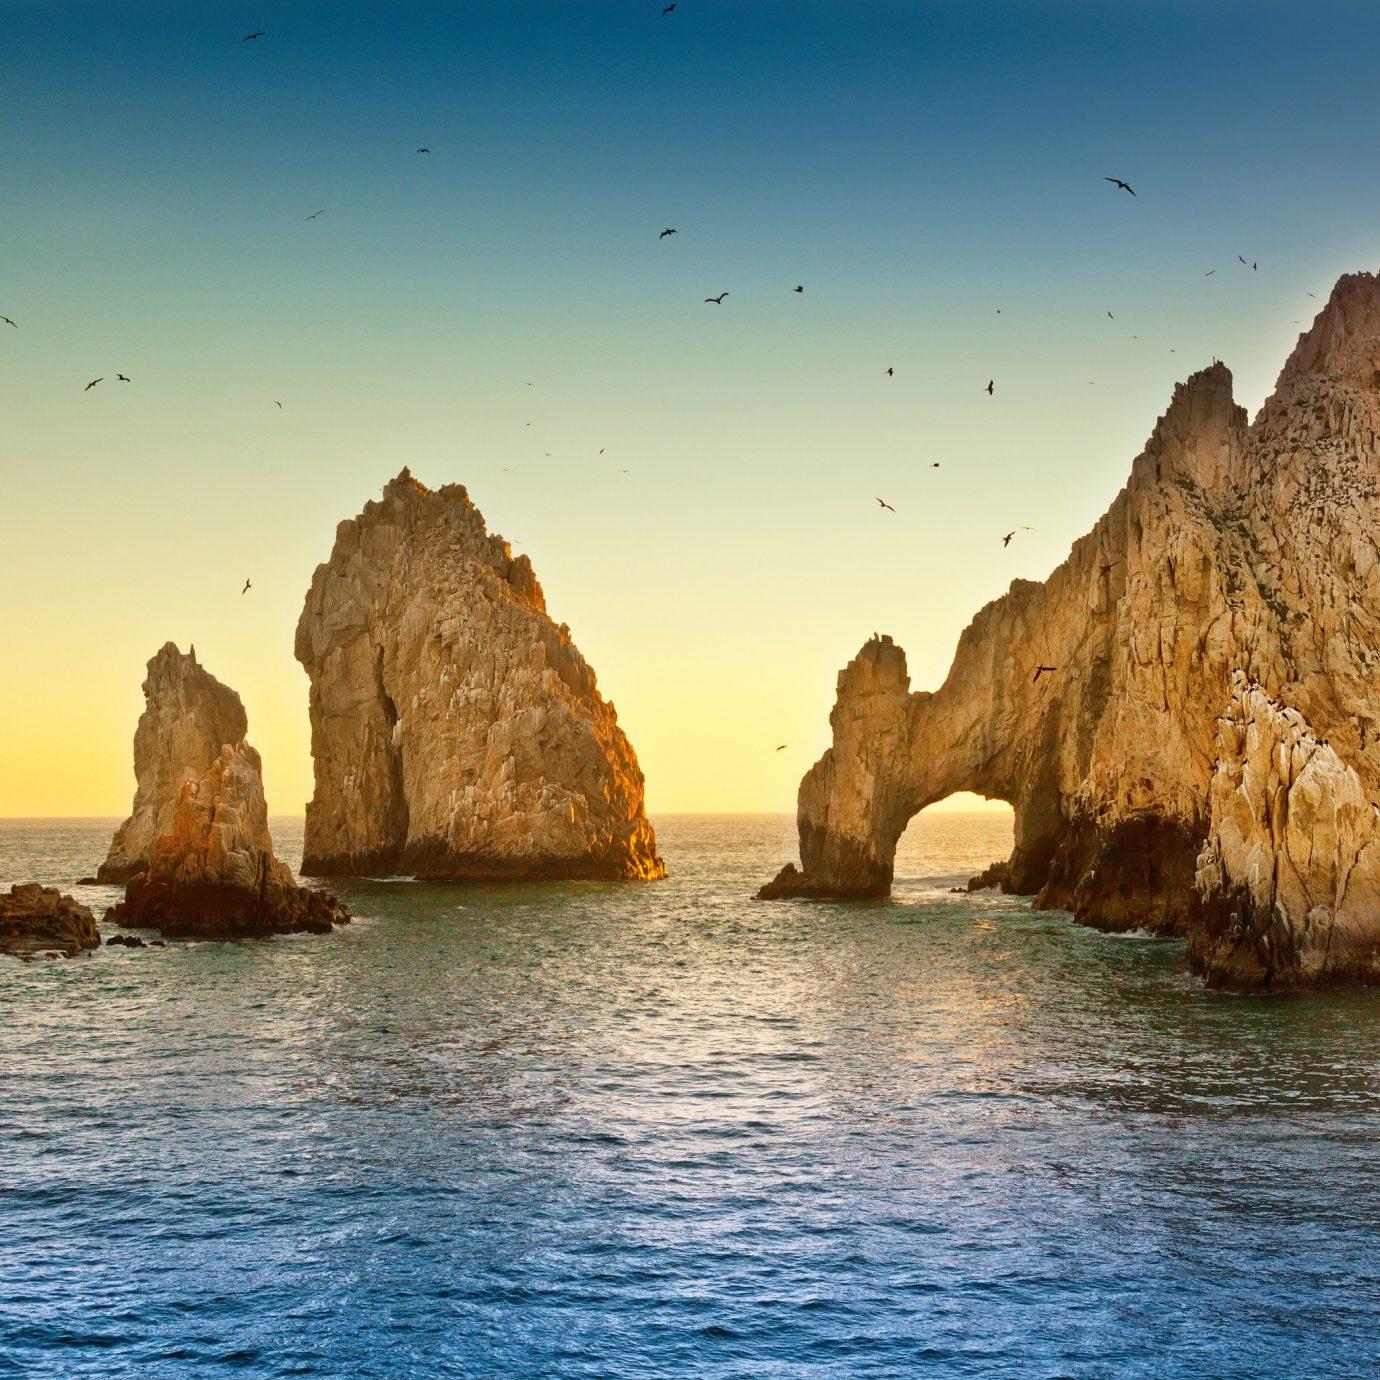 Rock formations in the ocean in Los Cabos Mexico